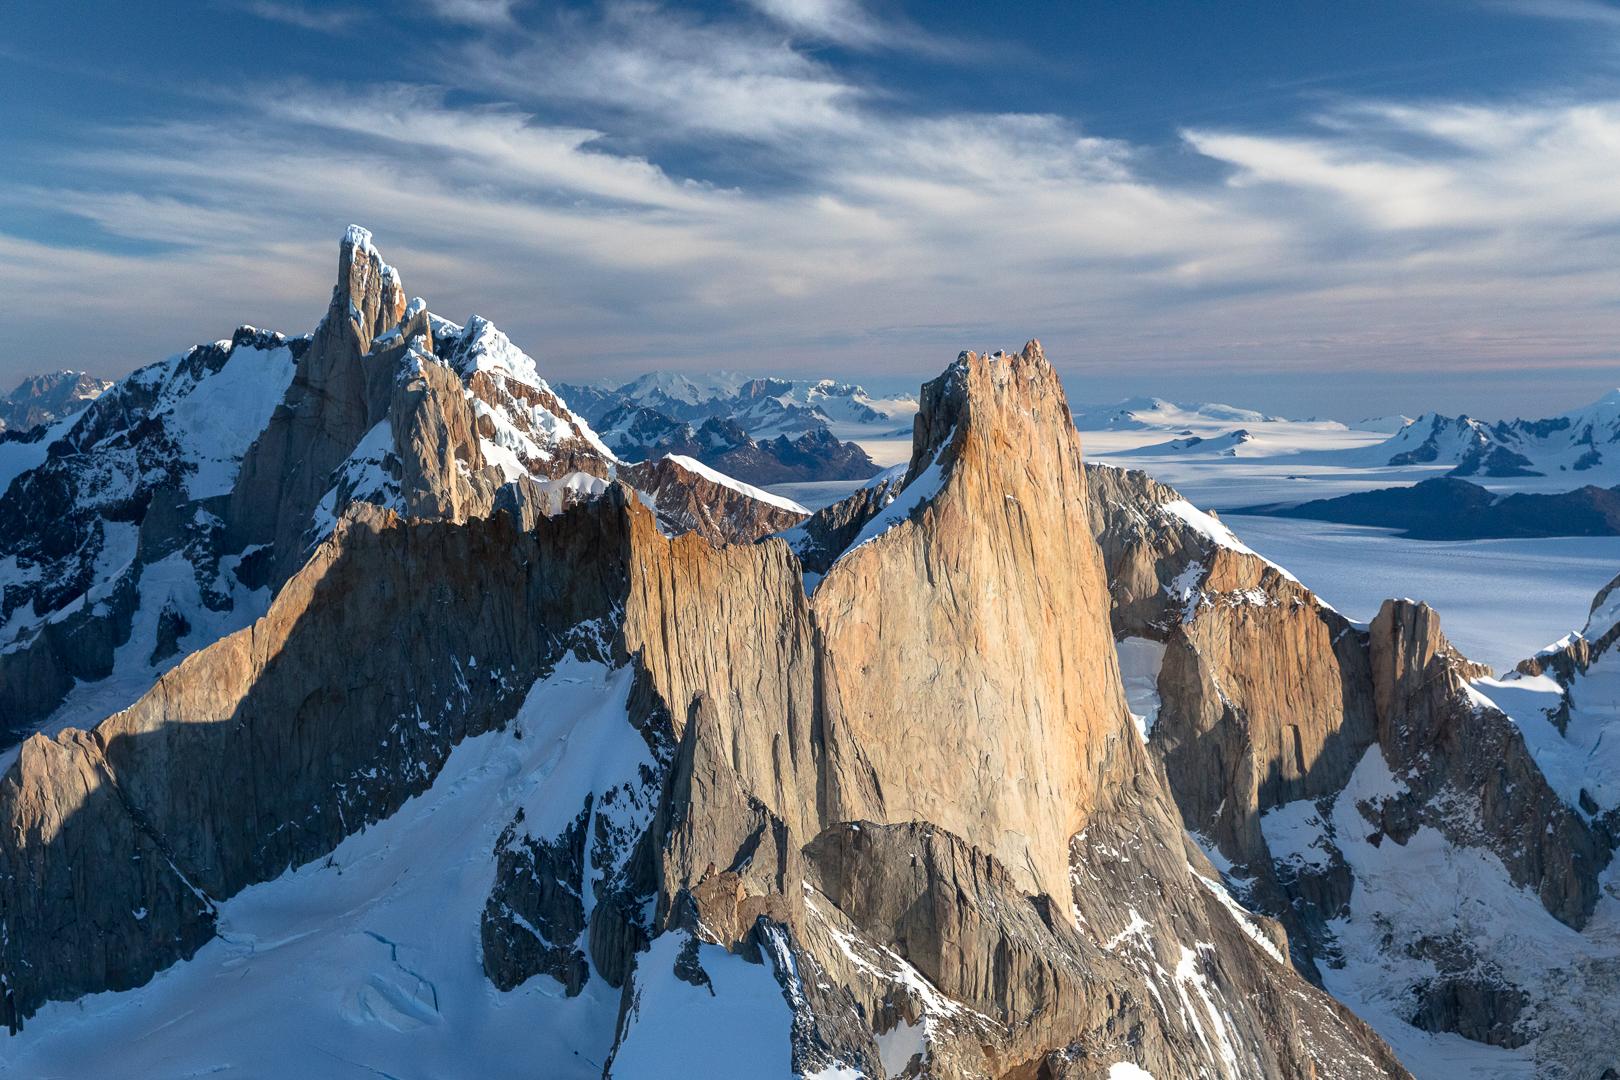 Patagonia_TaylorBurk.jpg